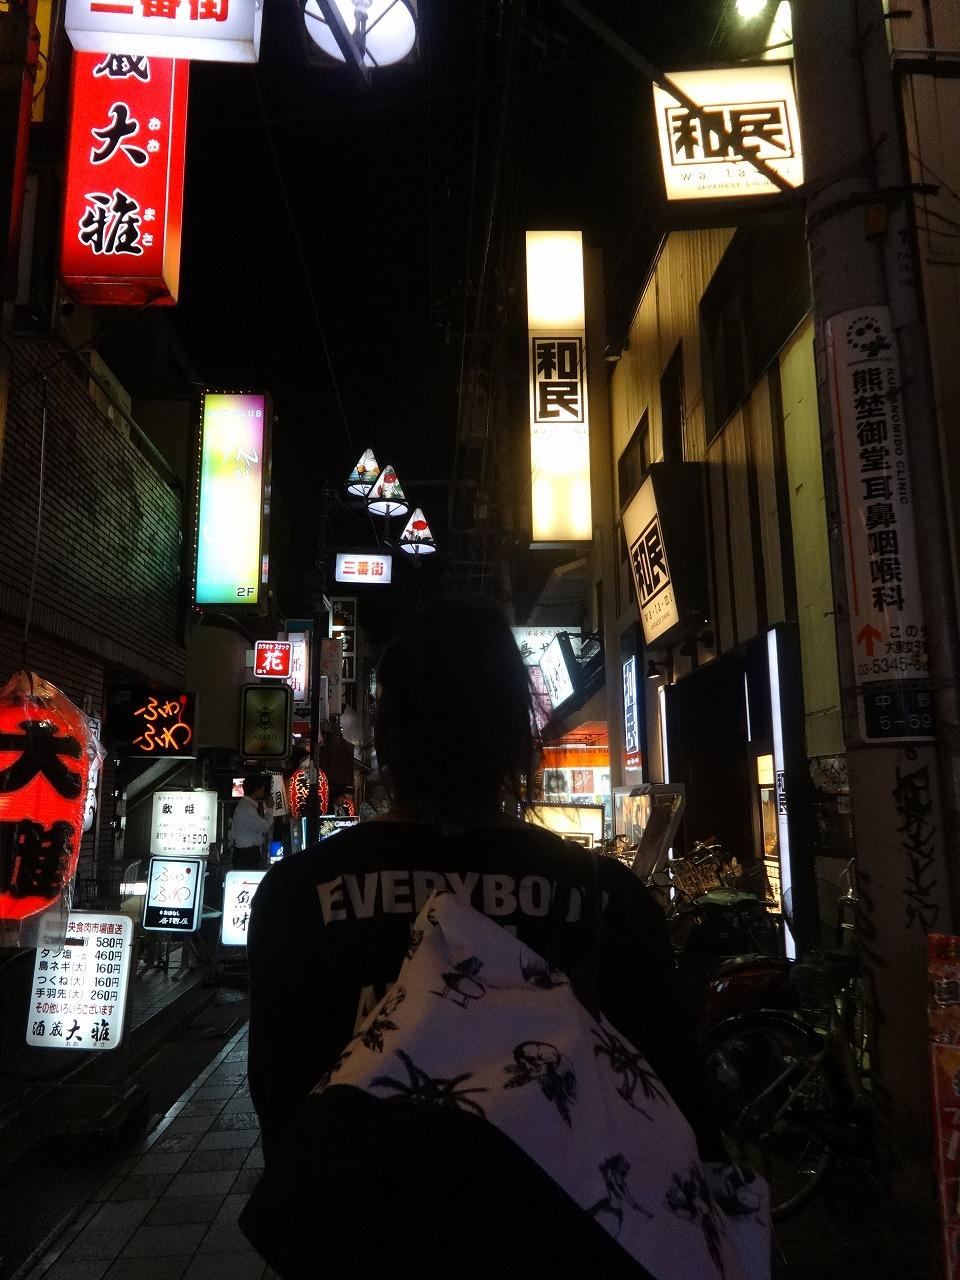 昨日、中野で熟成肉→80'Sバー→朝霞台スポーツカフェ_d0061678_20312930.jpg